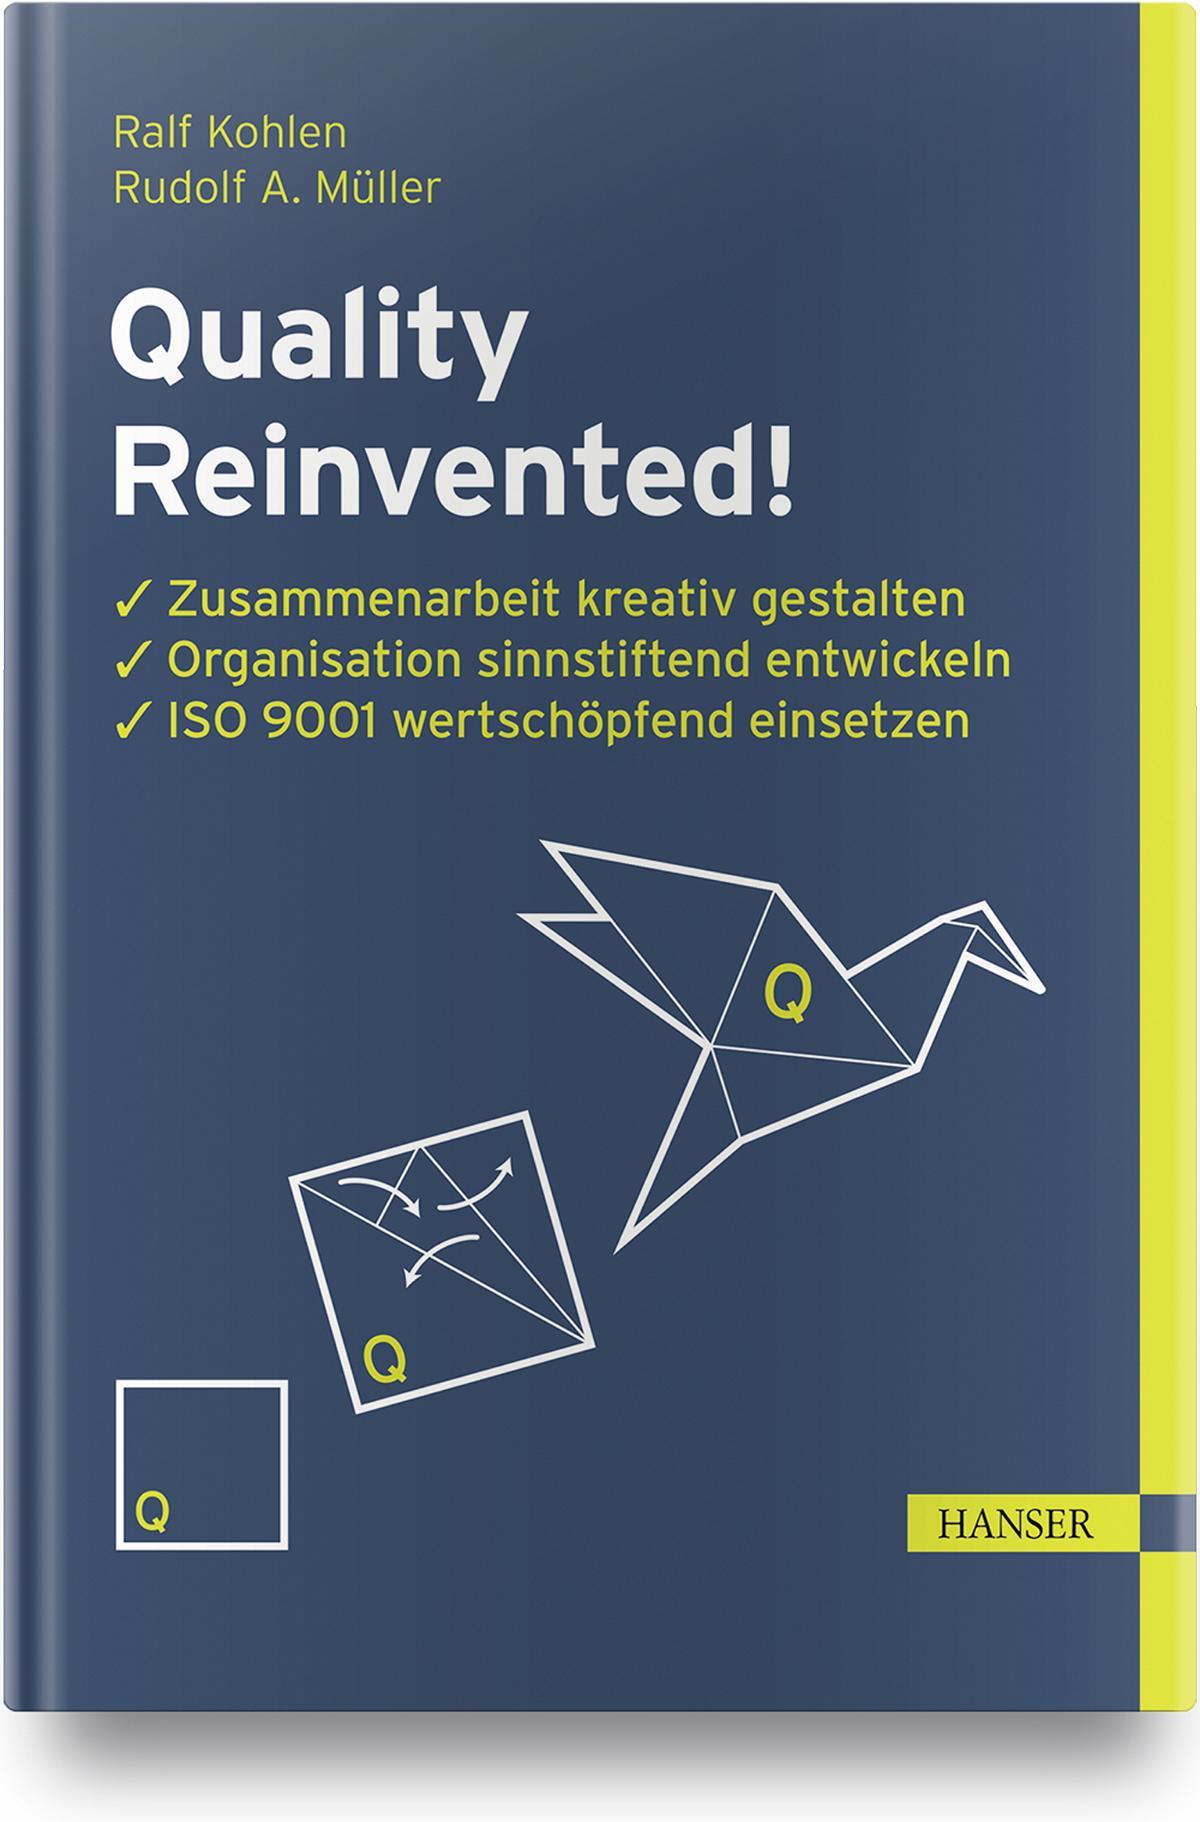 Das Buch Quality Reinvented! von Ralf Kohlen und Rudolf A. Müller - erscheint im Hanser-Verlag München im November 2020